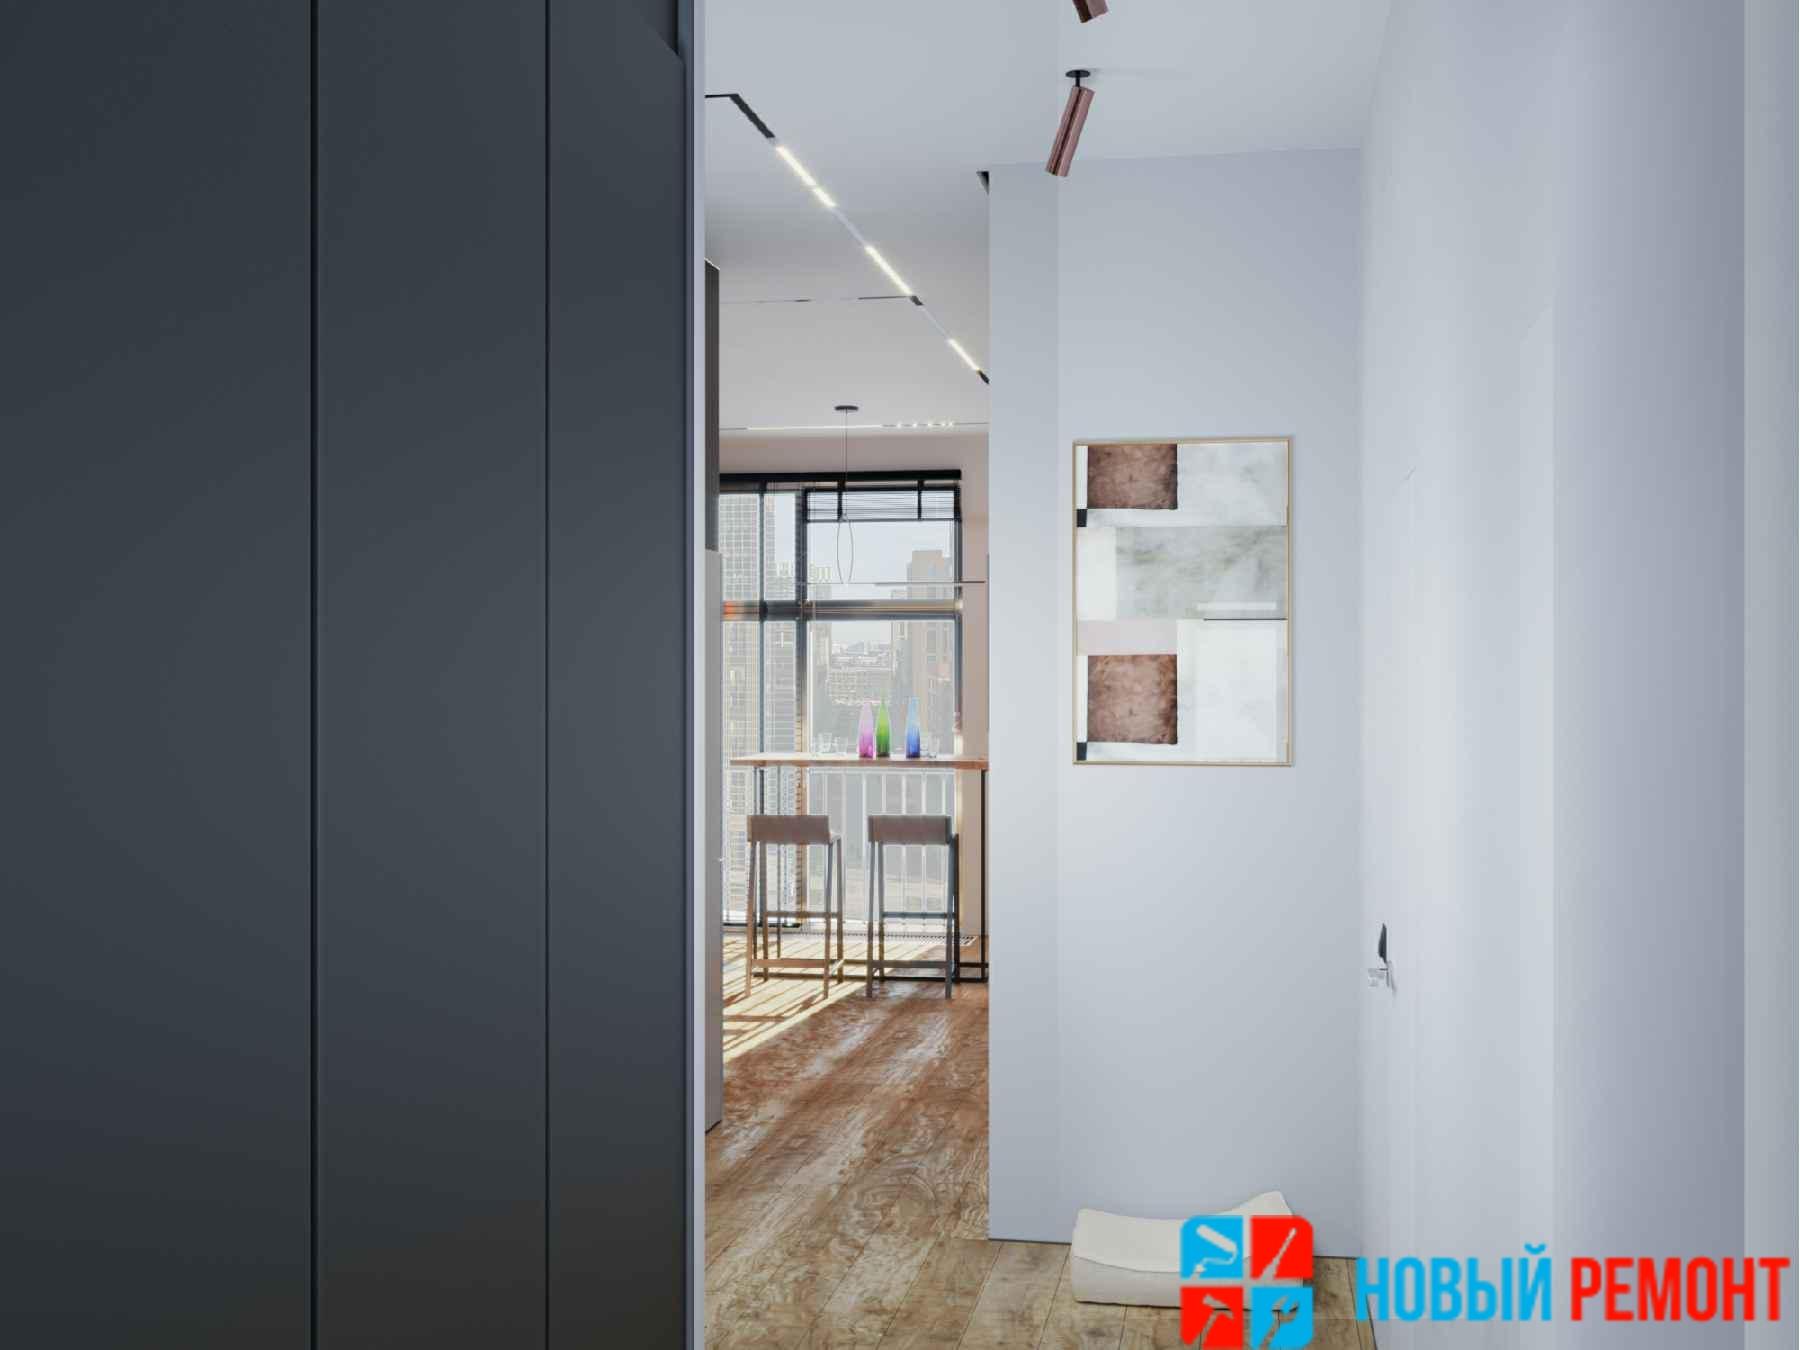 цены на дизайн квартир